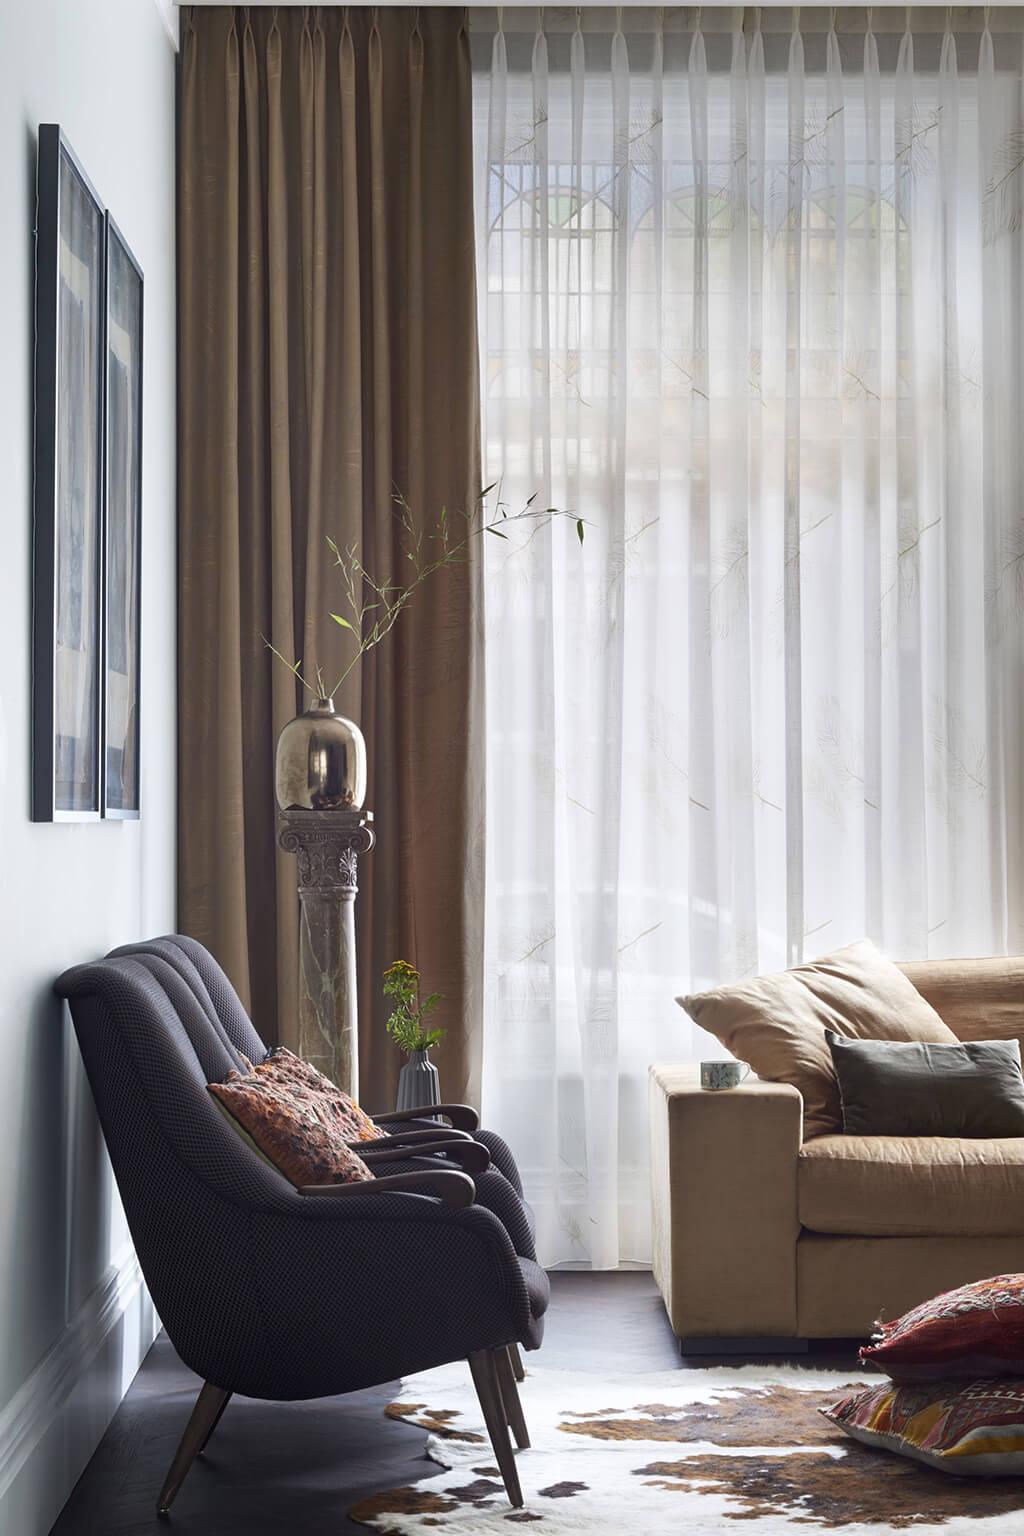 Vorhang Dekorstoffkombination, transparentes Weiß zu mittlerem Braun